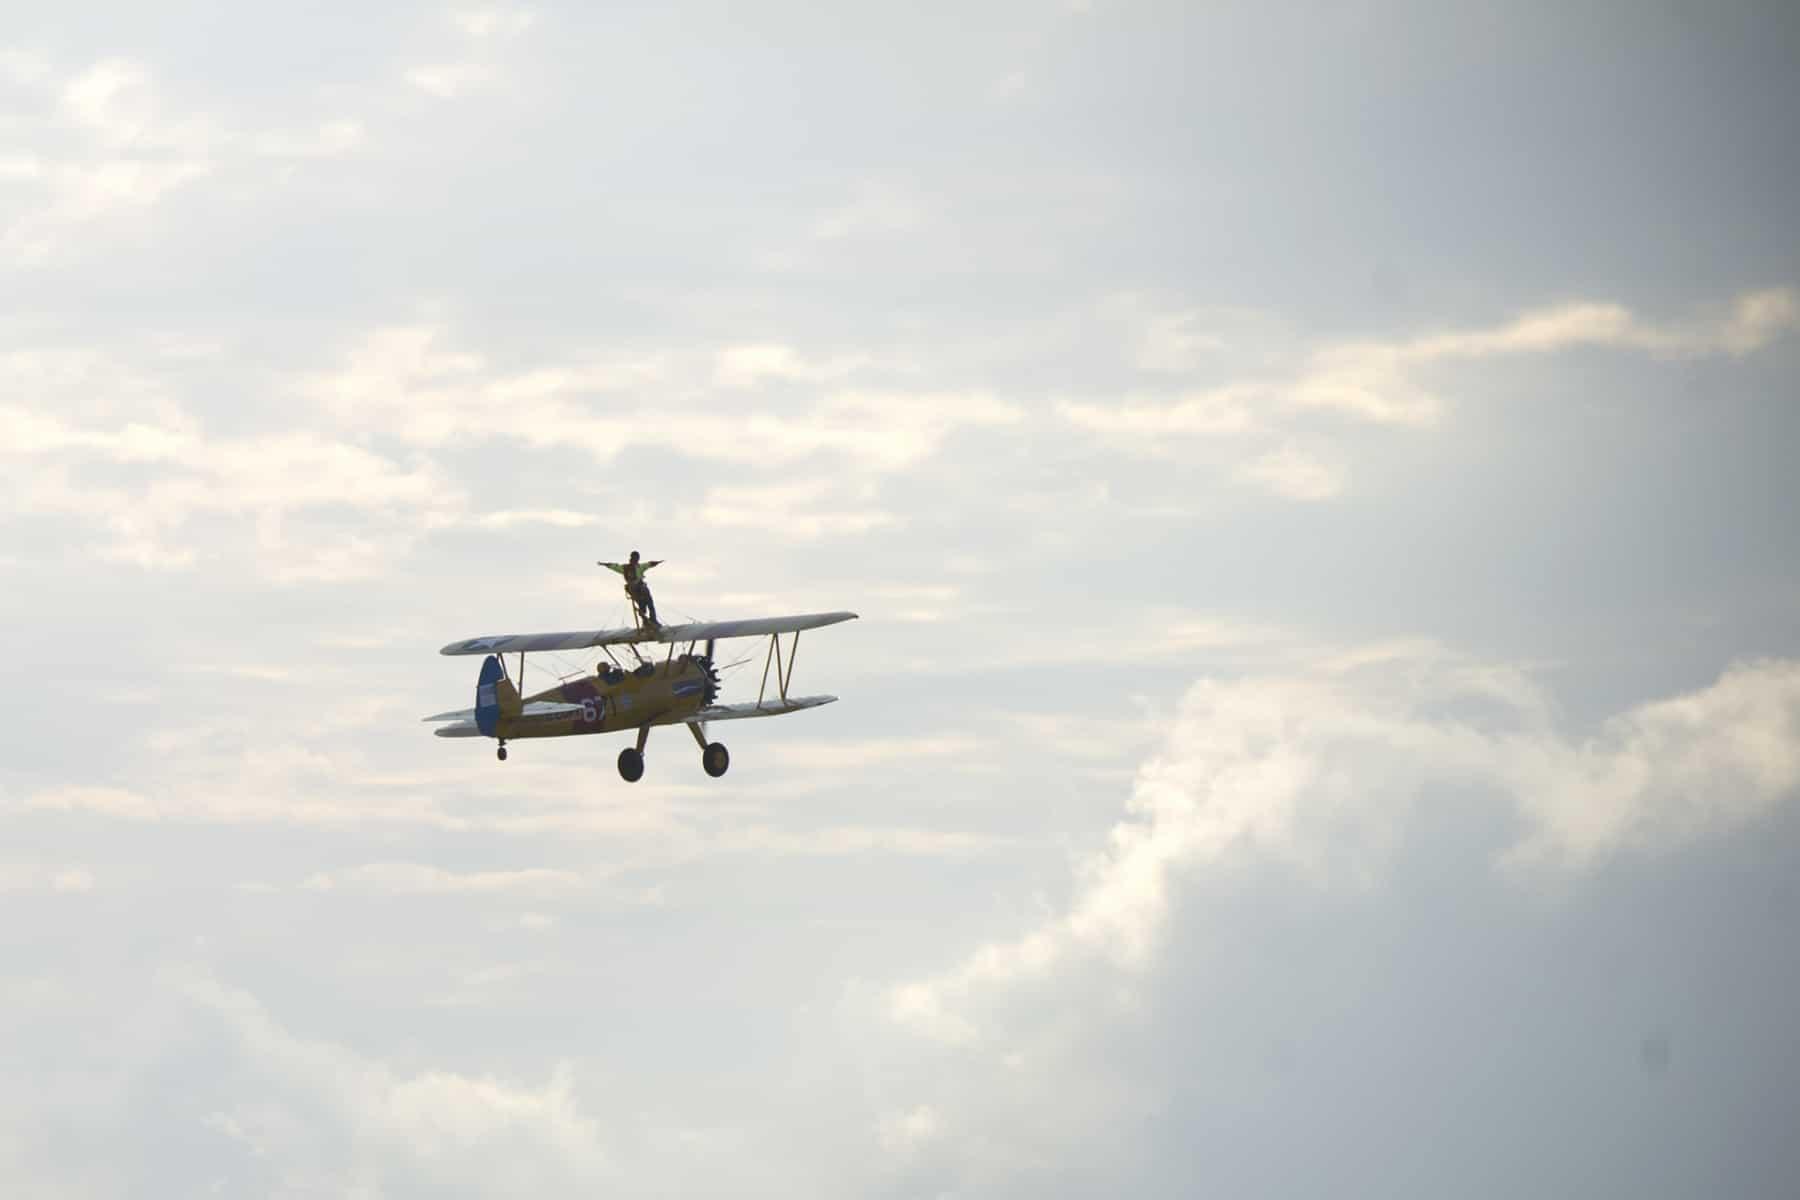 tom-lackey-acrobata-aereo-de-94-anos-en-gibraltar-10102014-29_15493074896_o